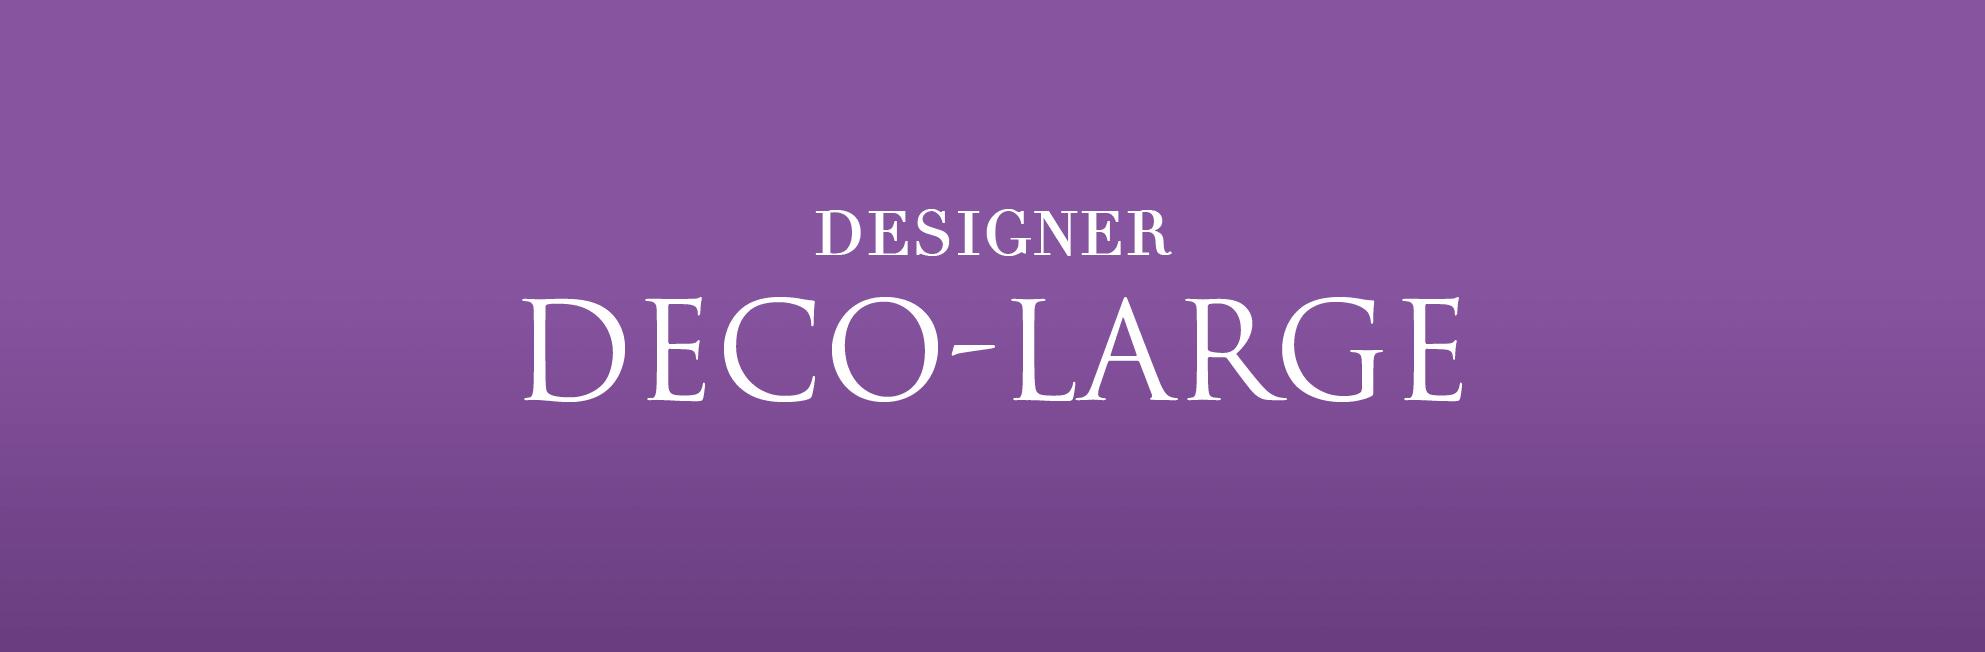 Hunkydory Deco-Large